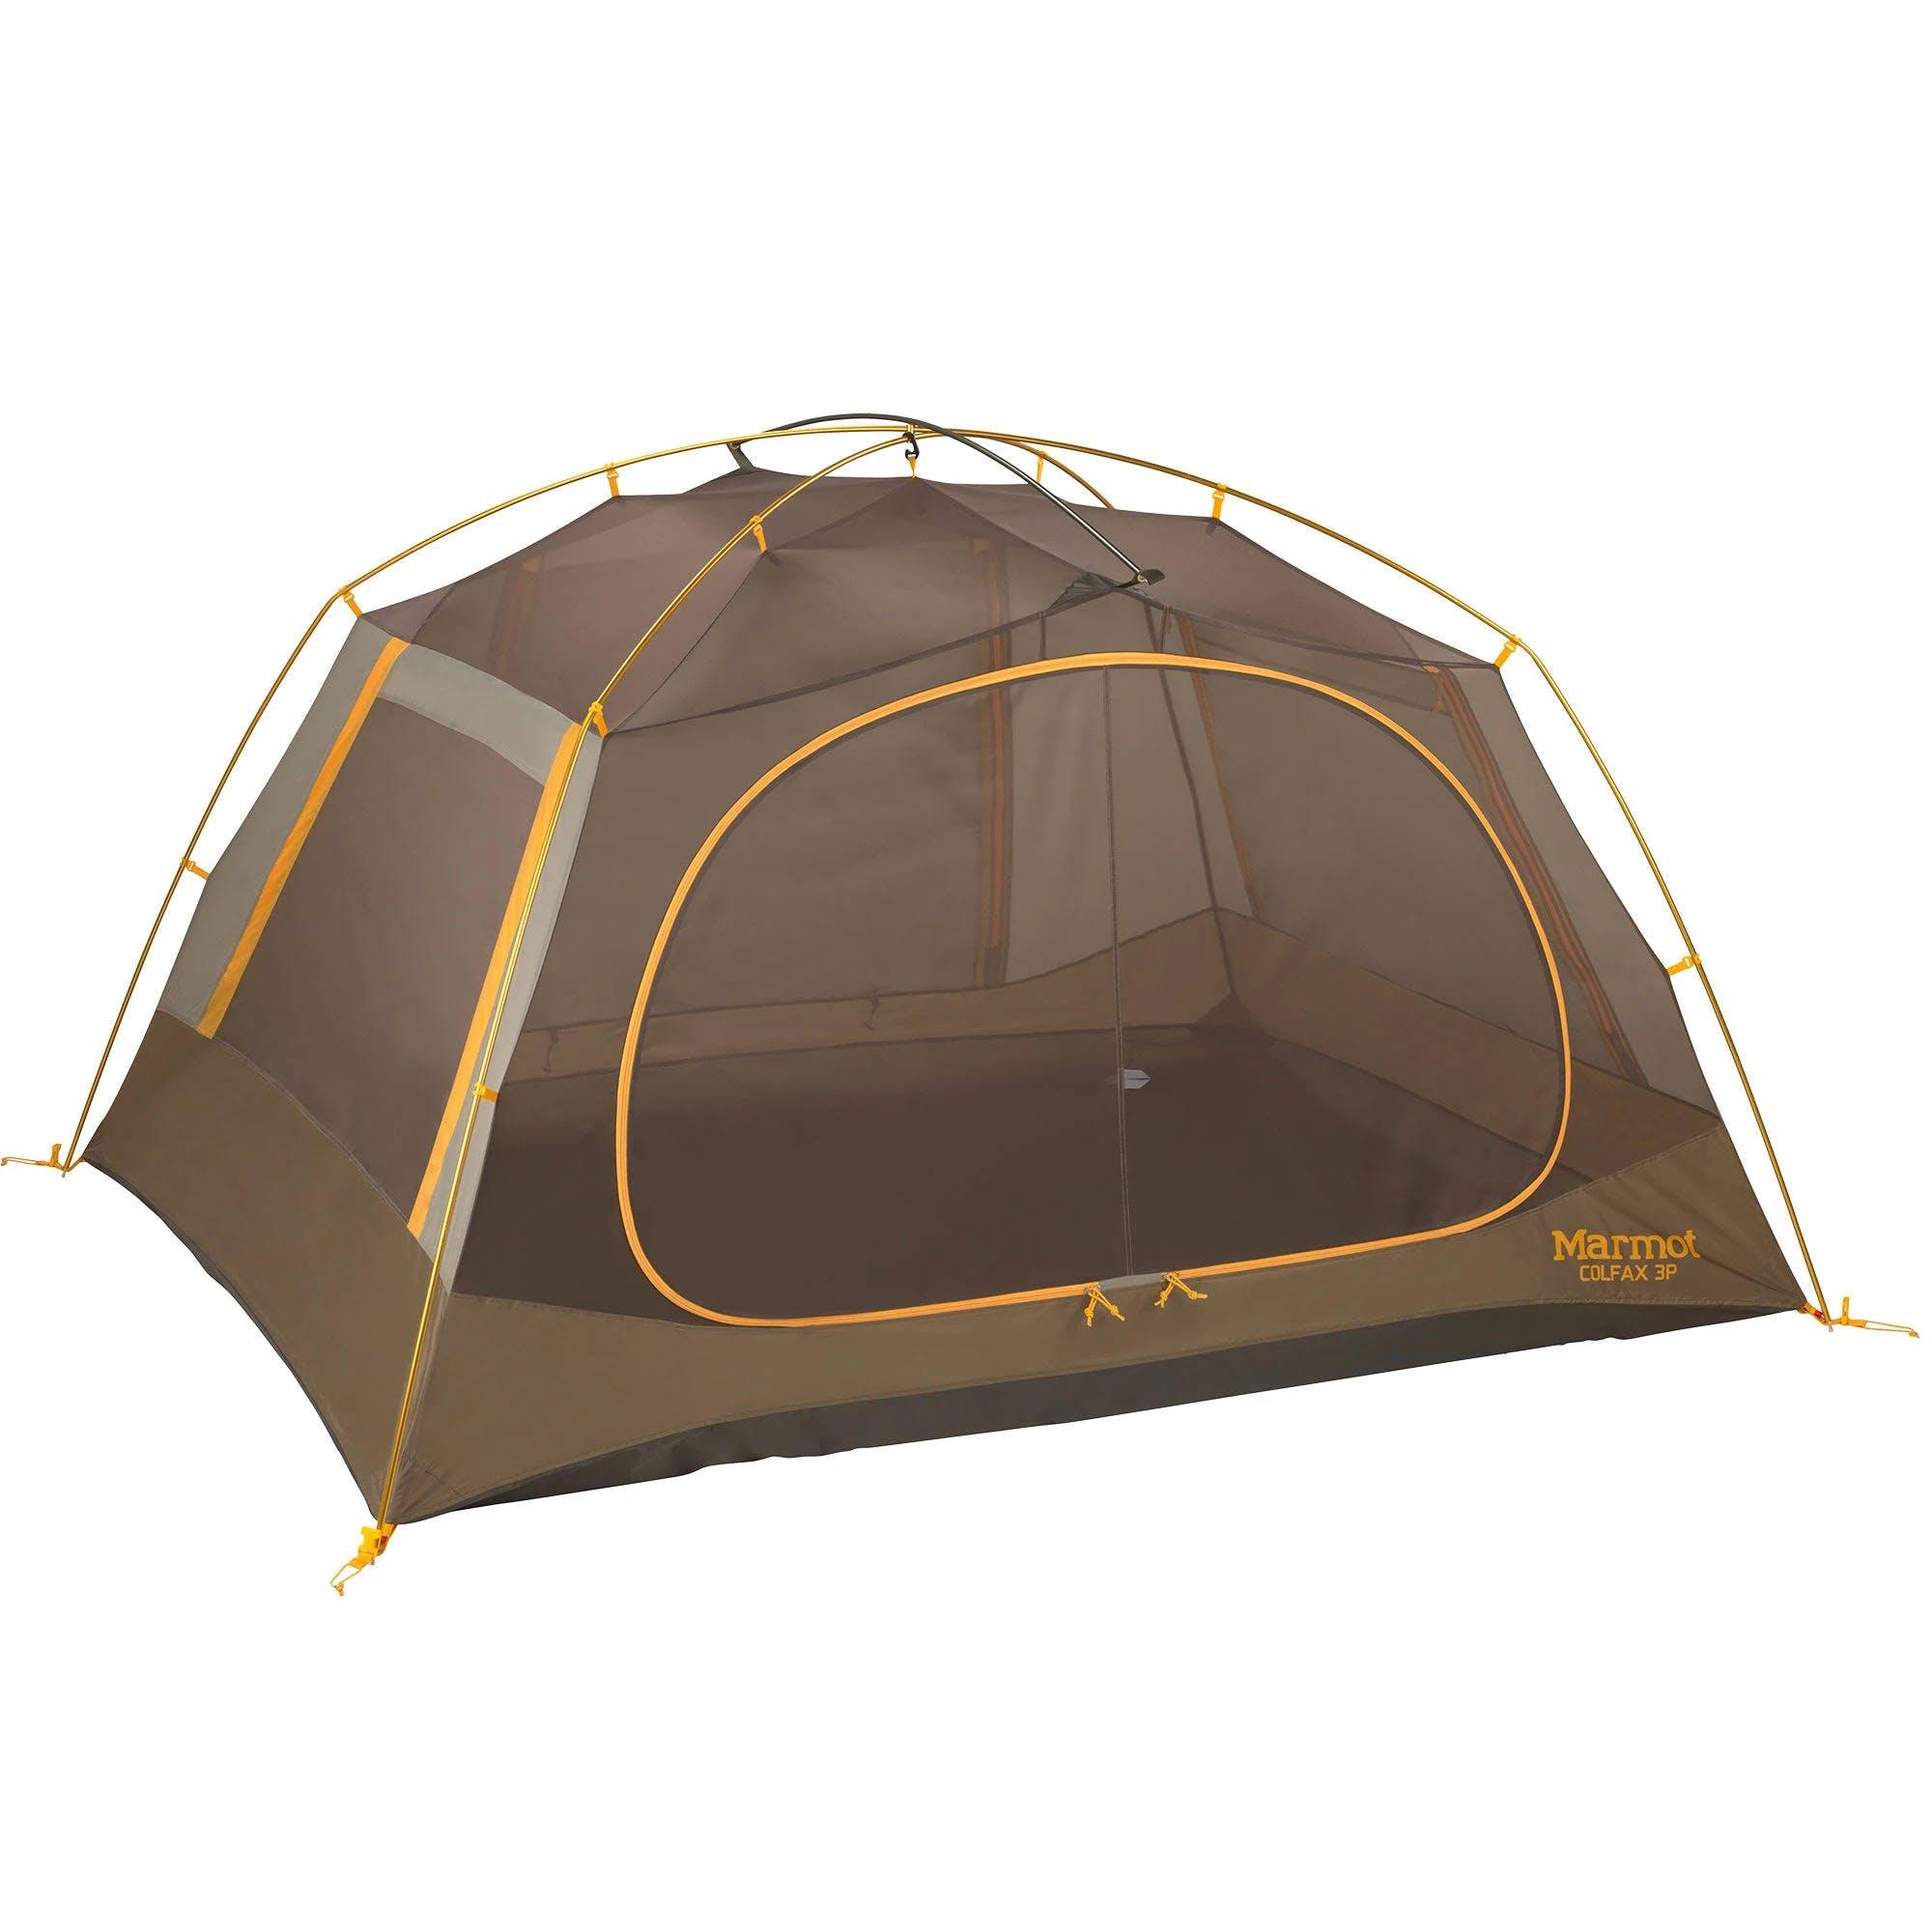 Marmot Colfax 3P Tent - 3 Person / Golden Copper/Dark Olive